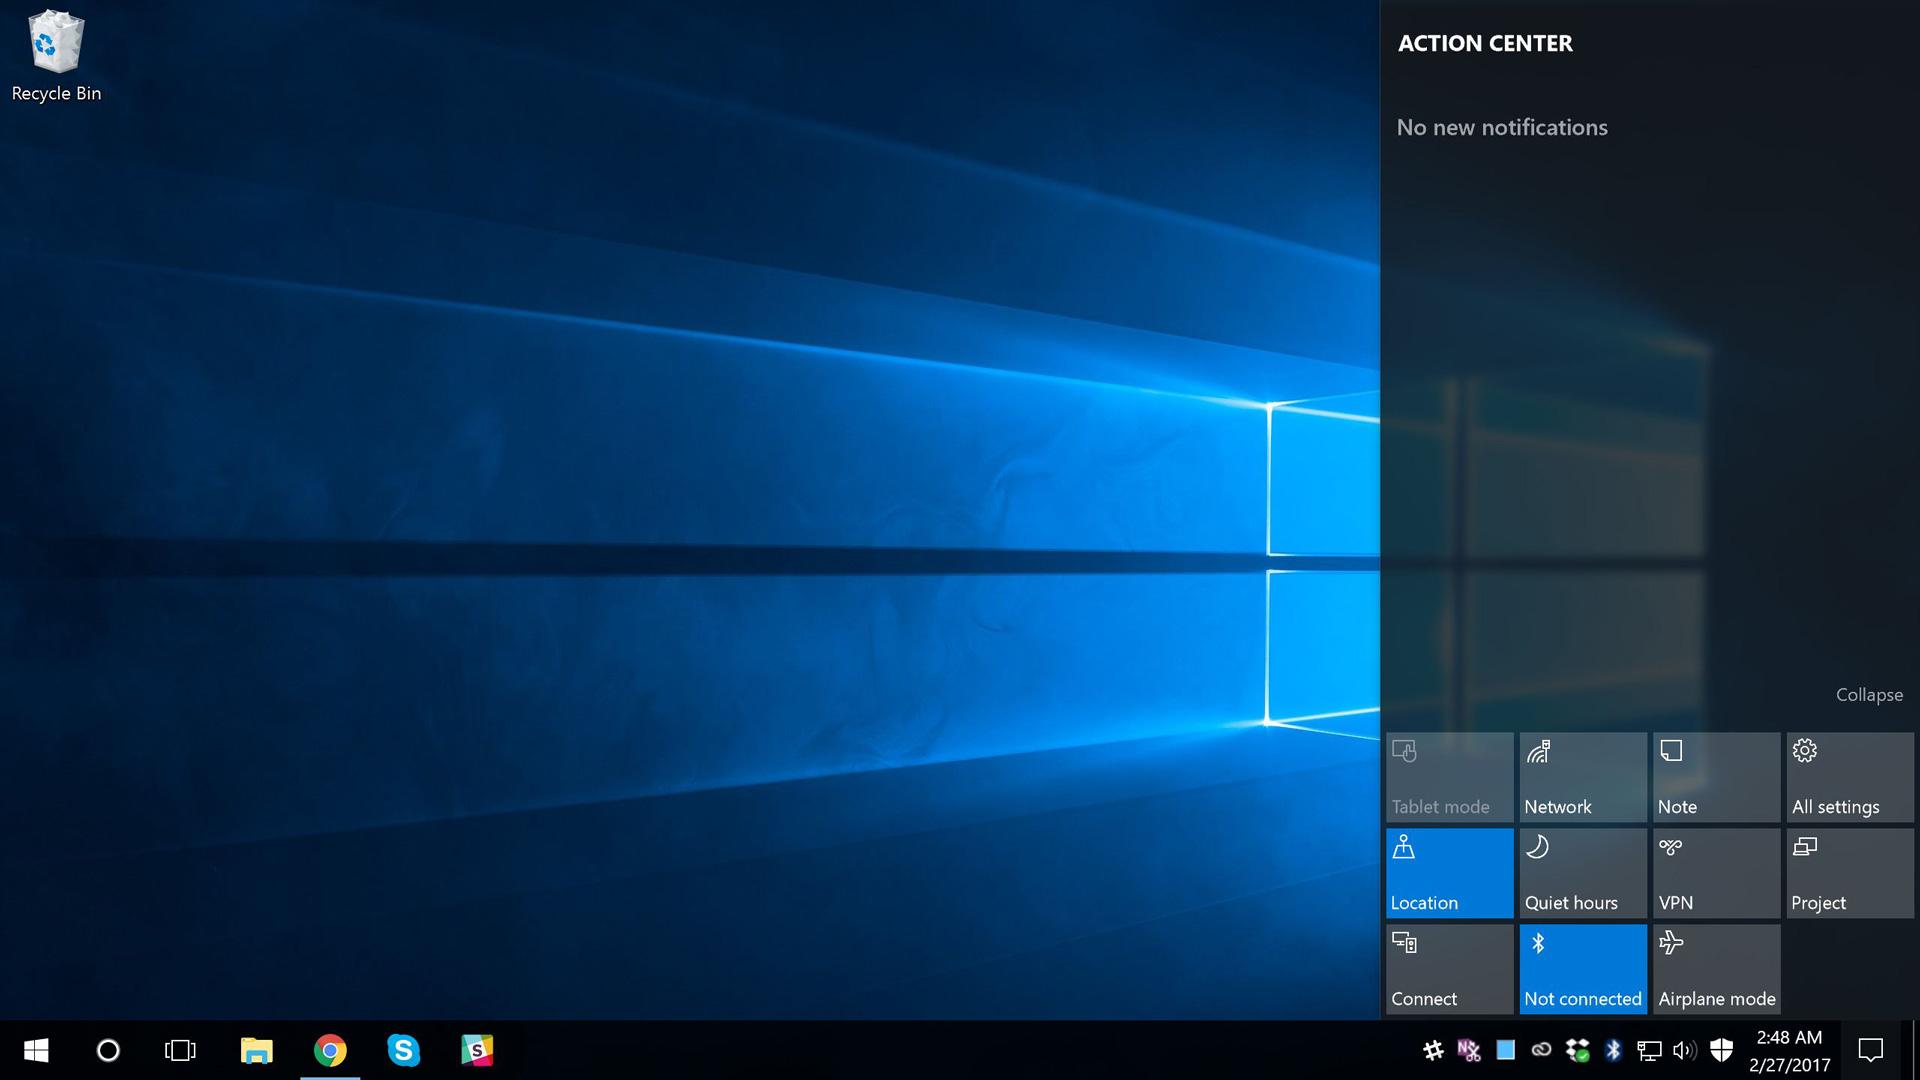 Cách ẩn các Quick Actions trong Action Center Windows 10